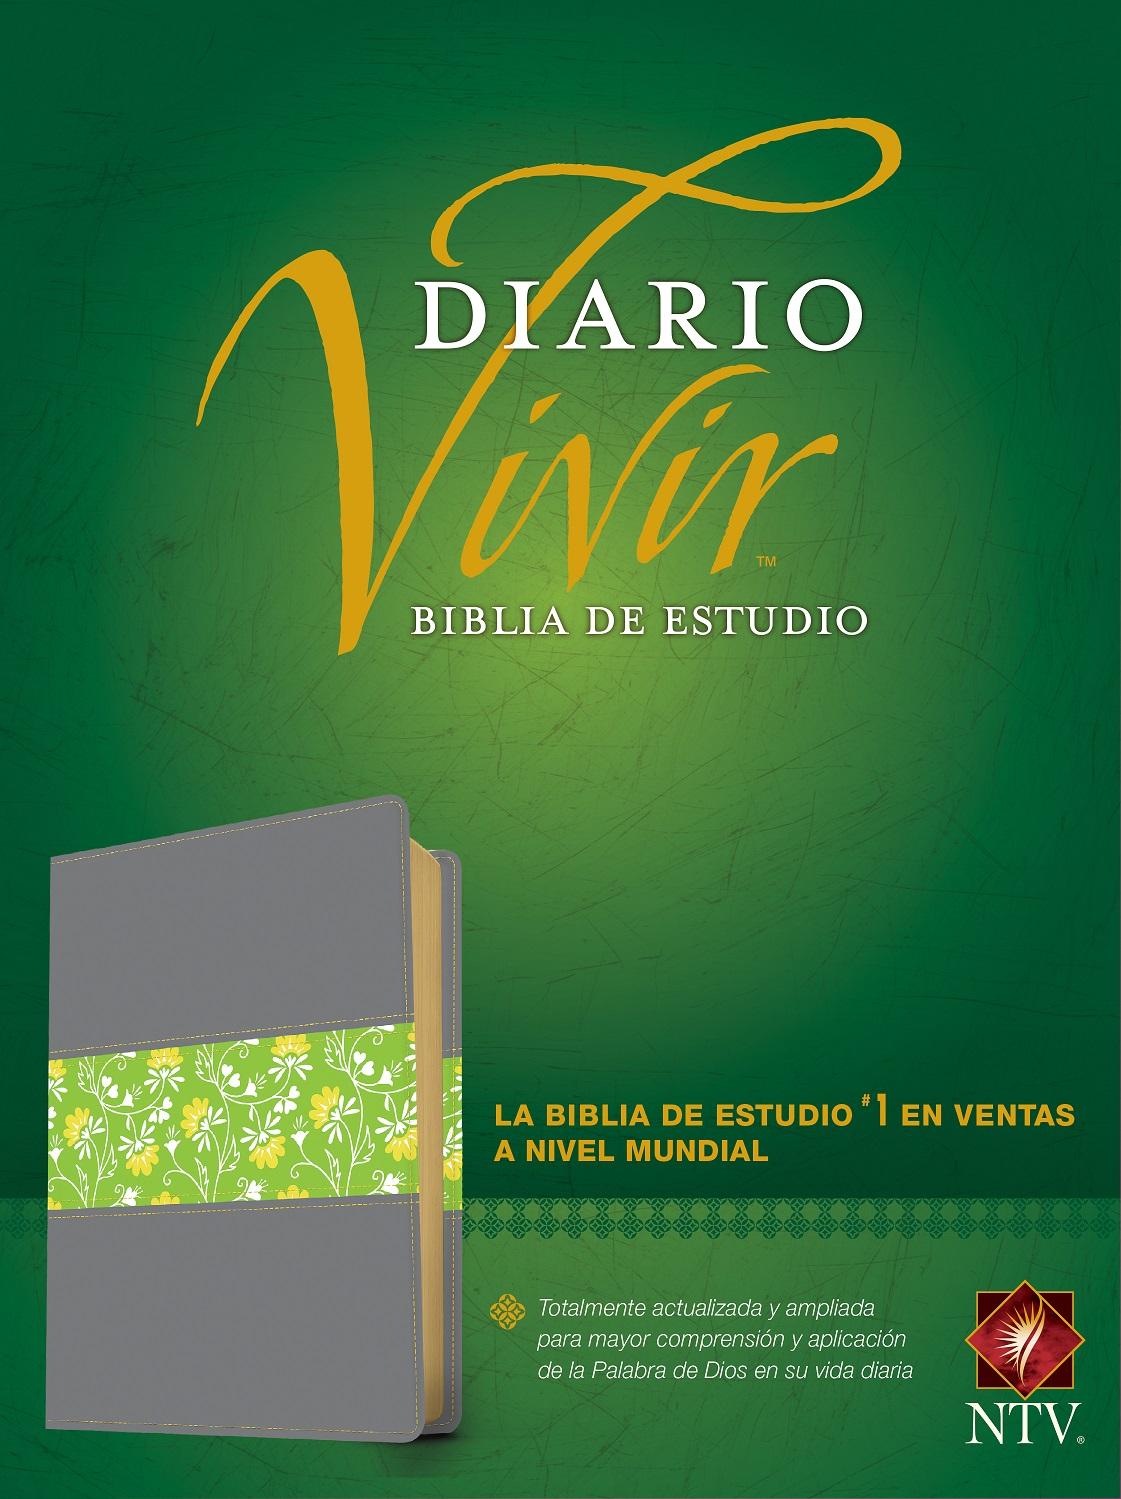 Biblia de estudio del diario vivir NTV (Letra Roja, SentiPiel, Gris/Verde)>